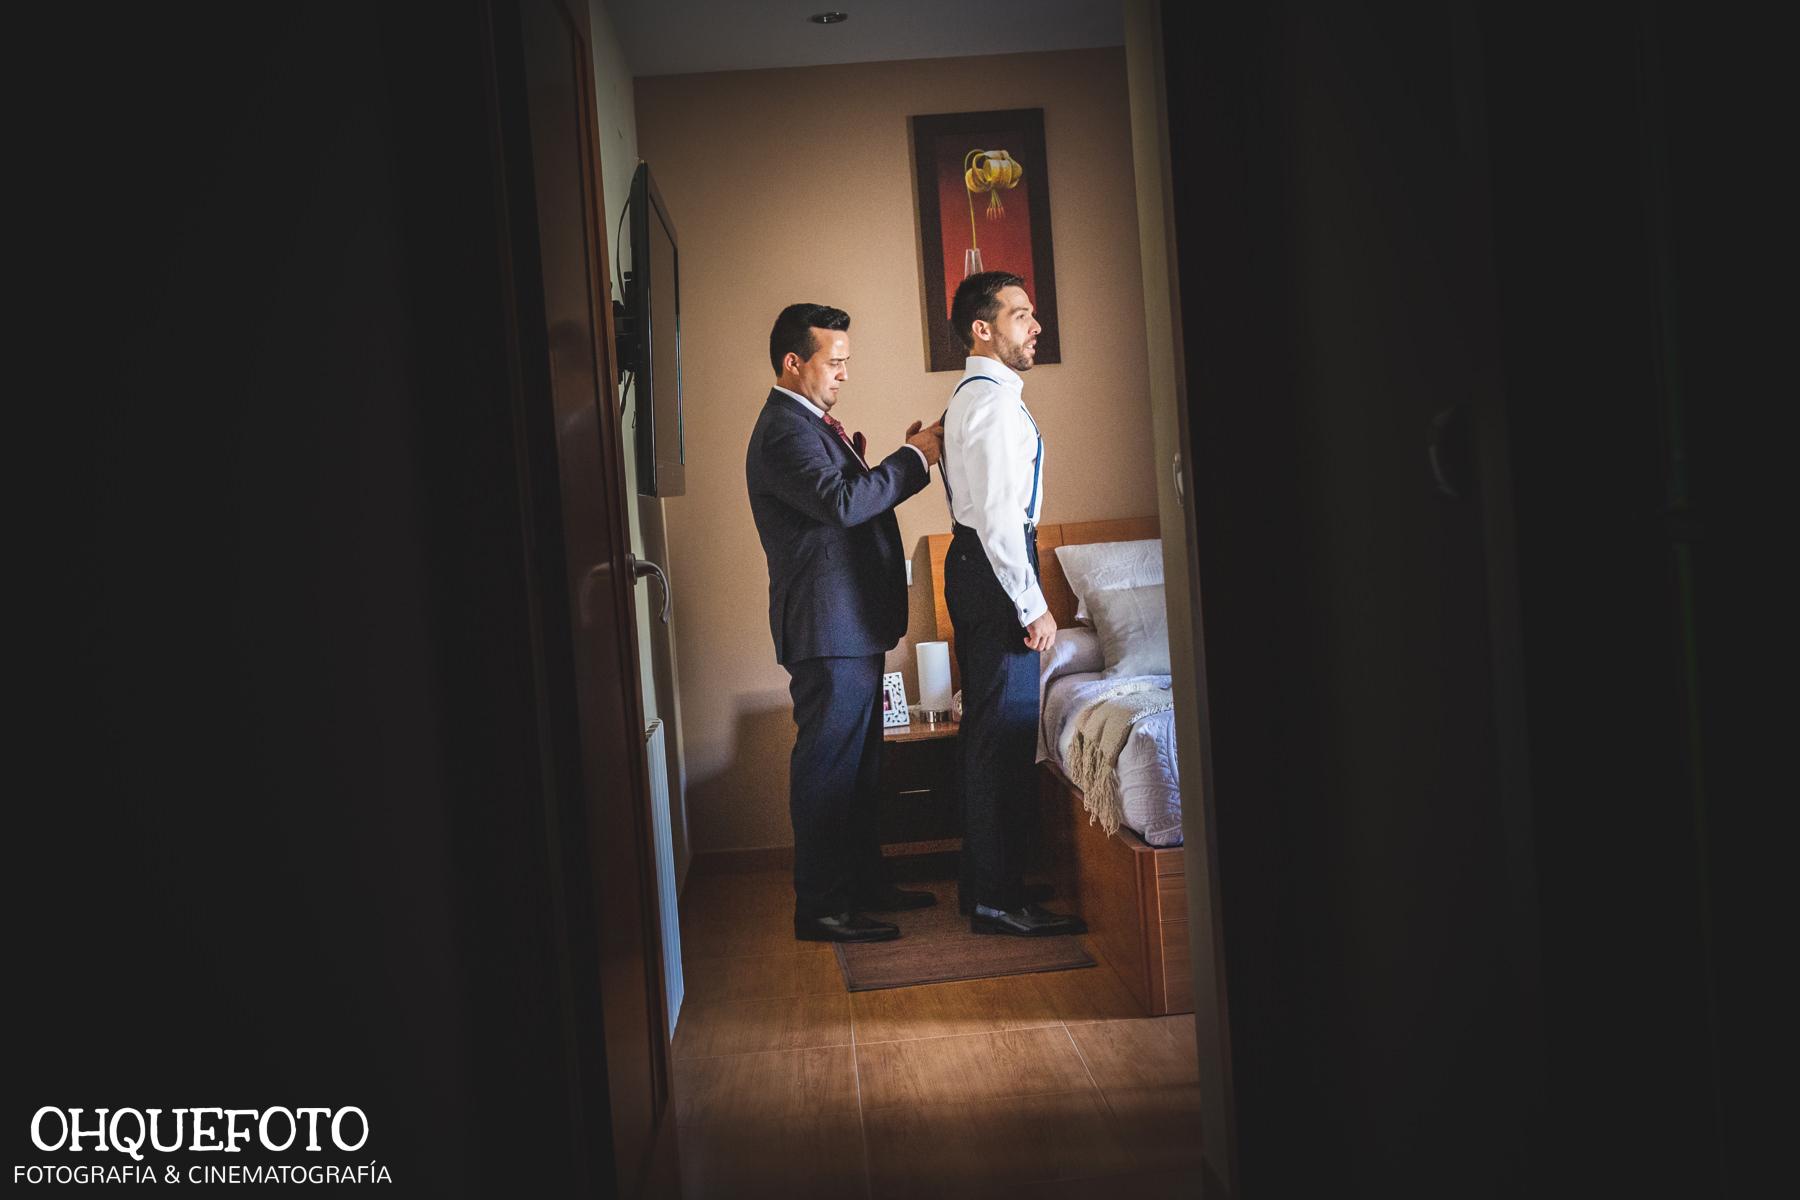 boda en la peraleda boda en cabeza del buey boda en capilla reportaje de bodas en almaden video de bodas en cordoba420 - Jose y Gema - Boda en Zarza Capilla y la Finca La Peraleda (Chillón)